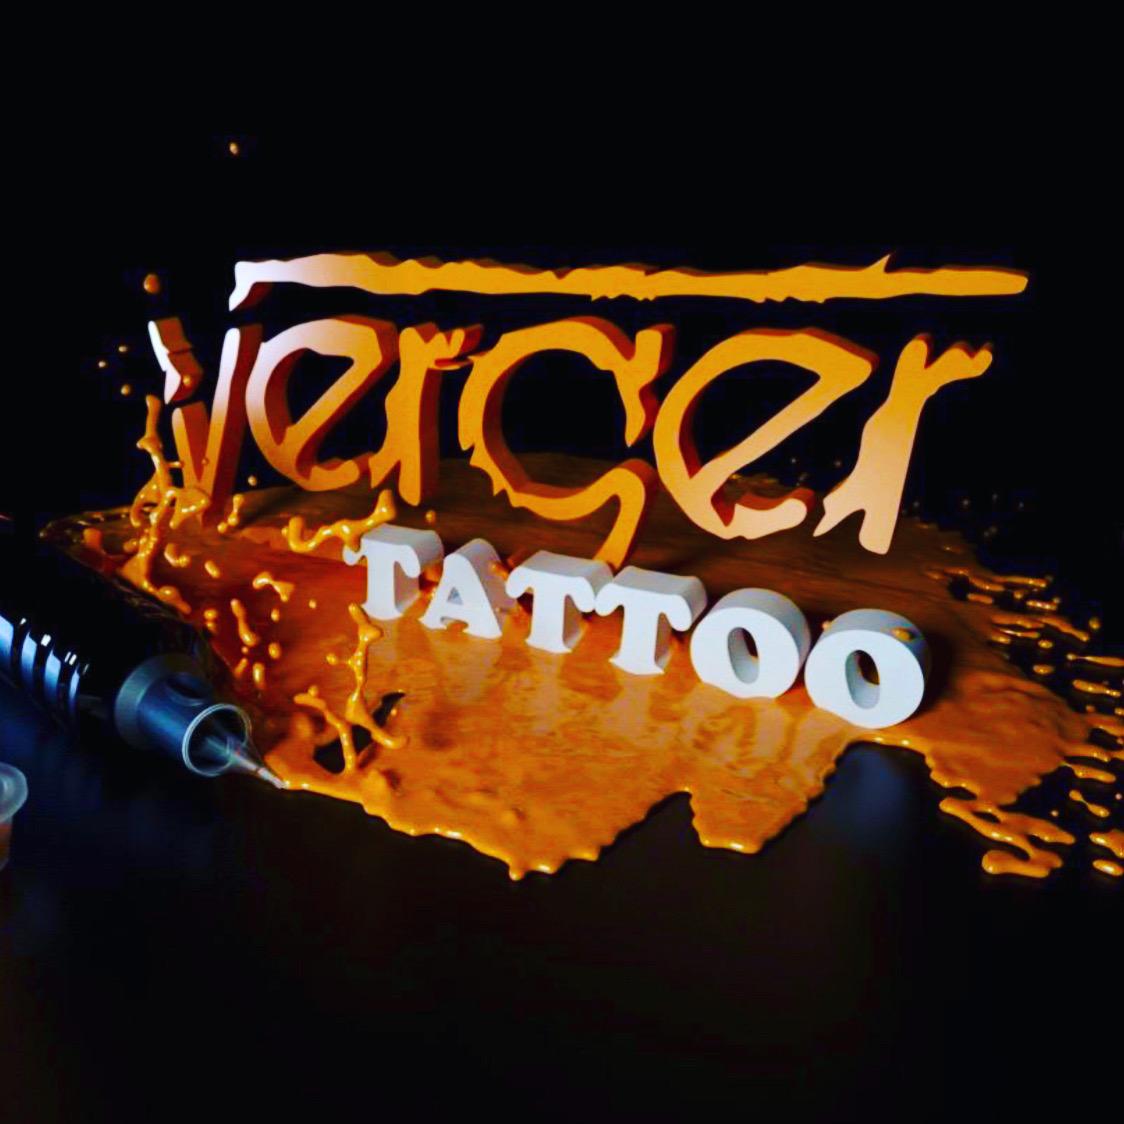 Verger Tattoo